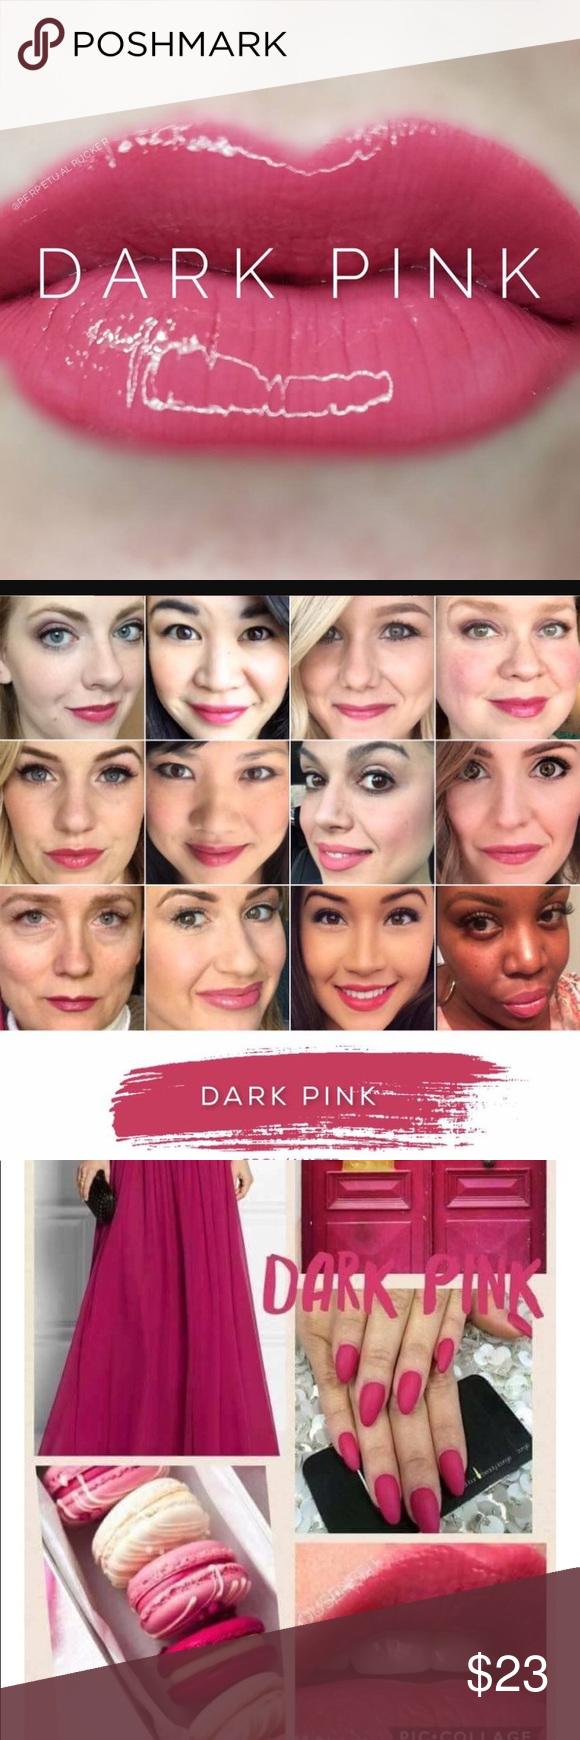 Color drawdown - Lipsense Smudge Proof Lip Color Dark Pink Nwt